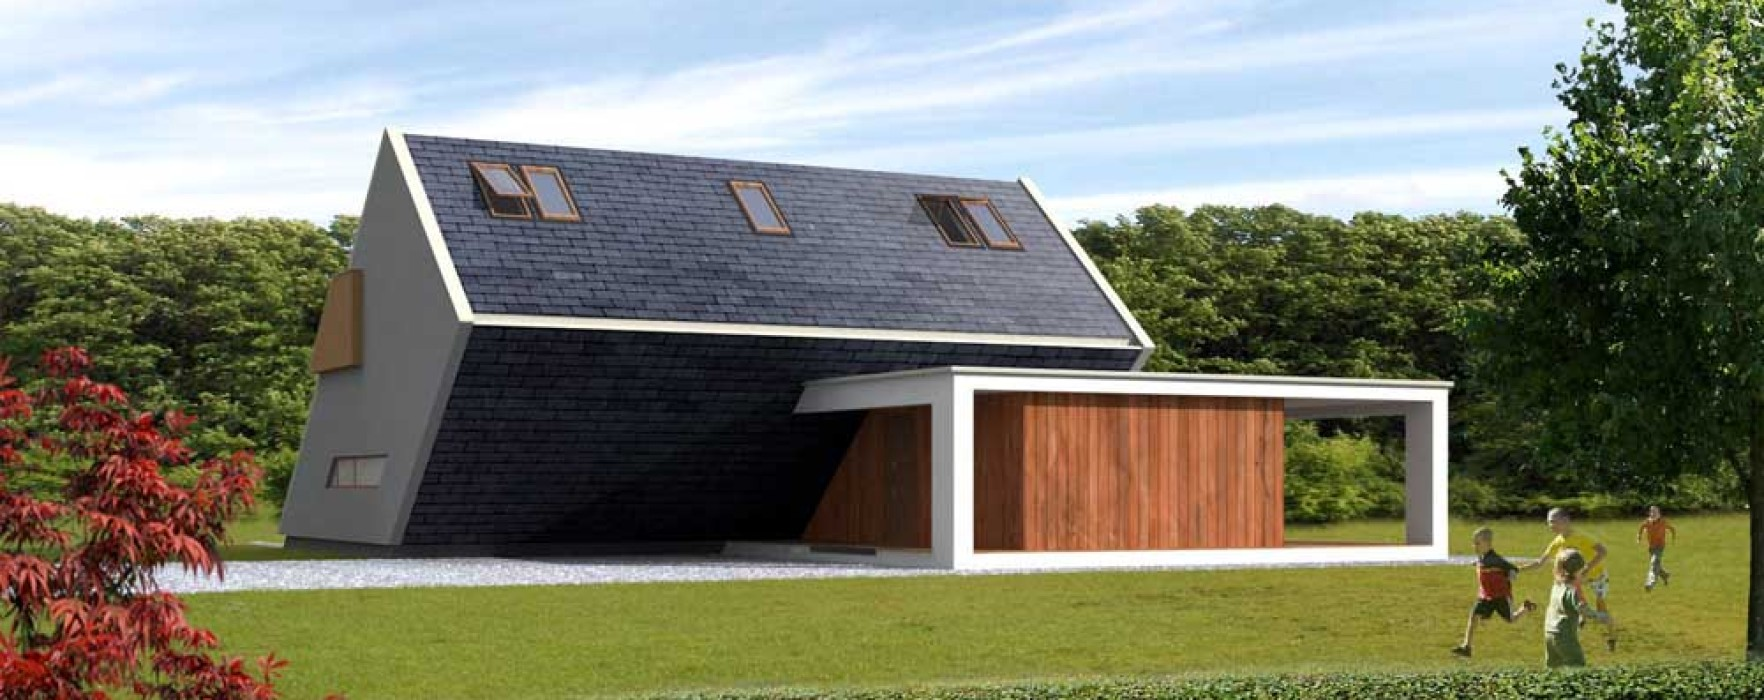 Permessi terreni agricoli e case di legno for Case modulari costi